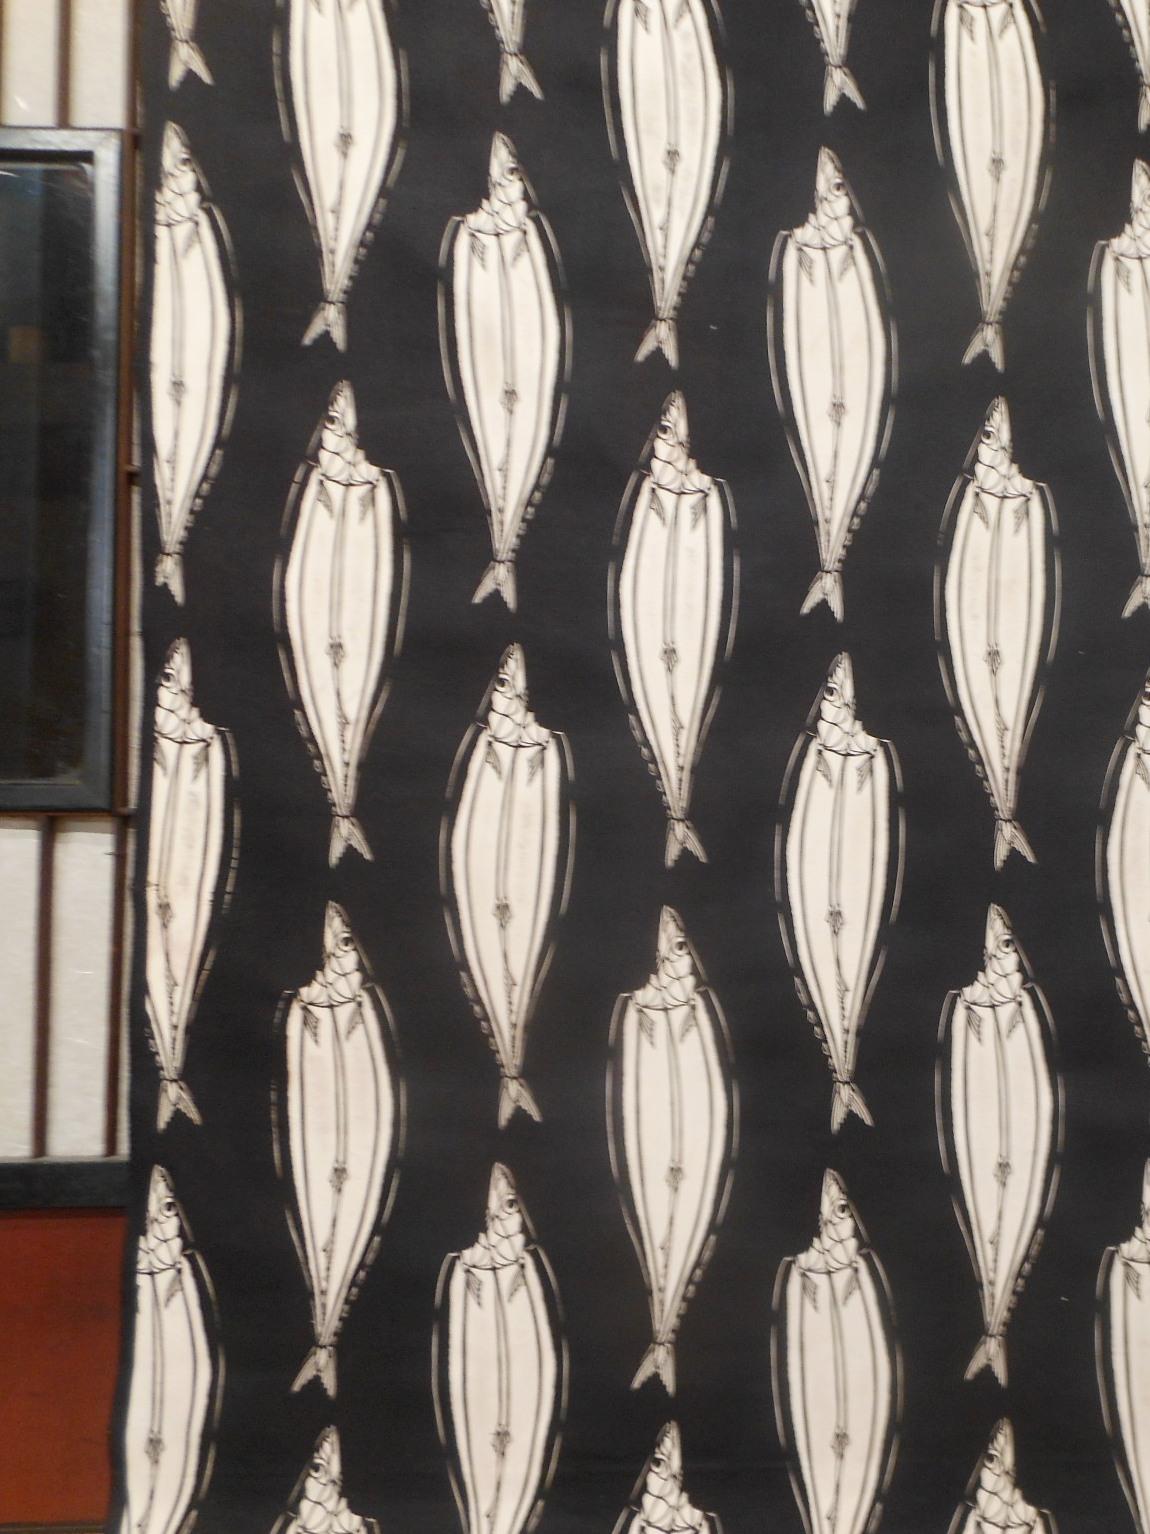 1855) 「工藤ユウ 型染作品展 『干物展』」 g.犬養 終了10月24日(水)~10月29日(月)  _f0126829_221657.jpg